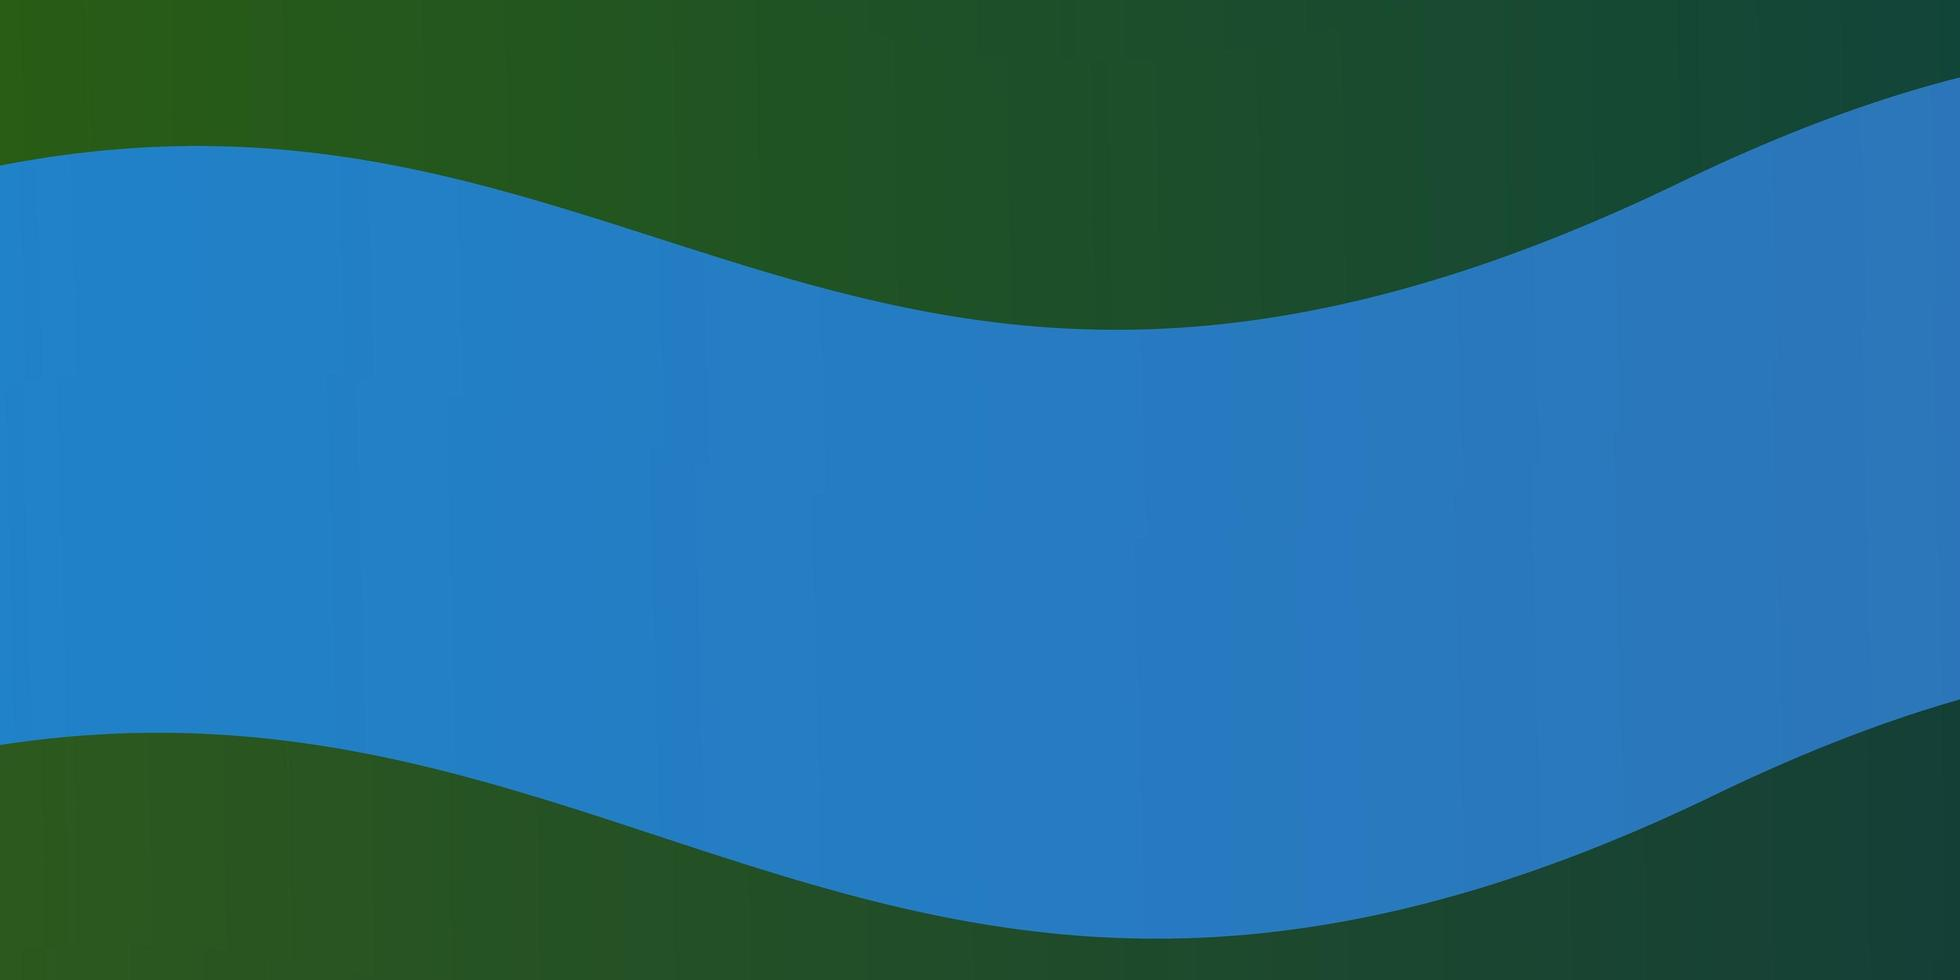 hellblauer Vektorhintergrund mit gebogenen Linien. vektor